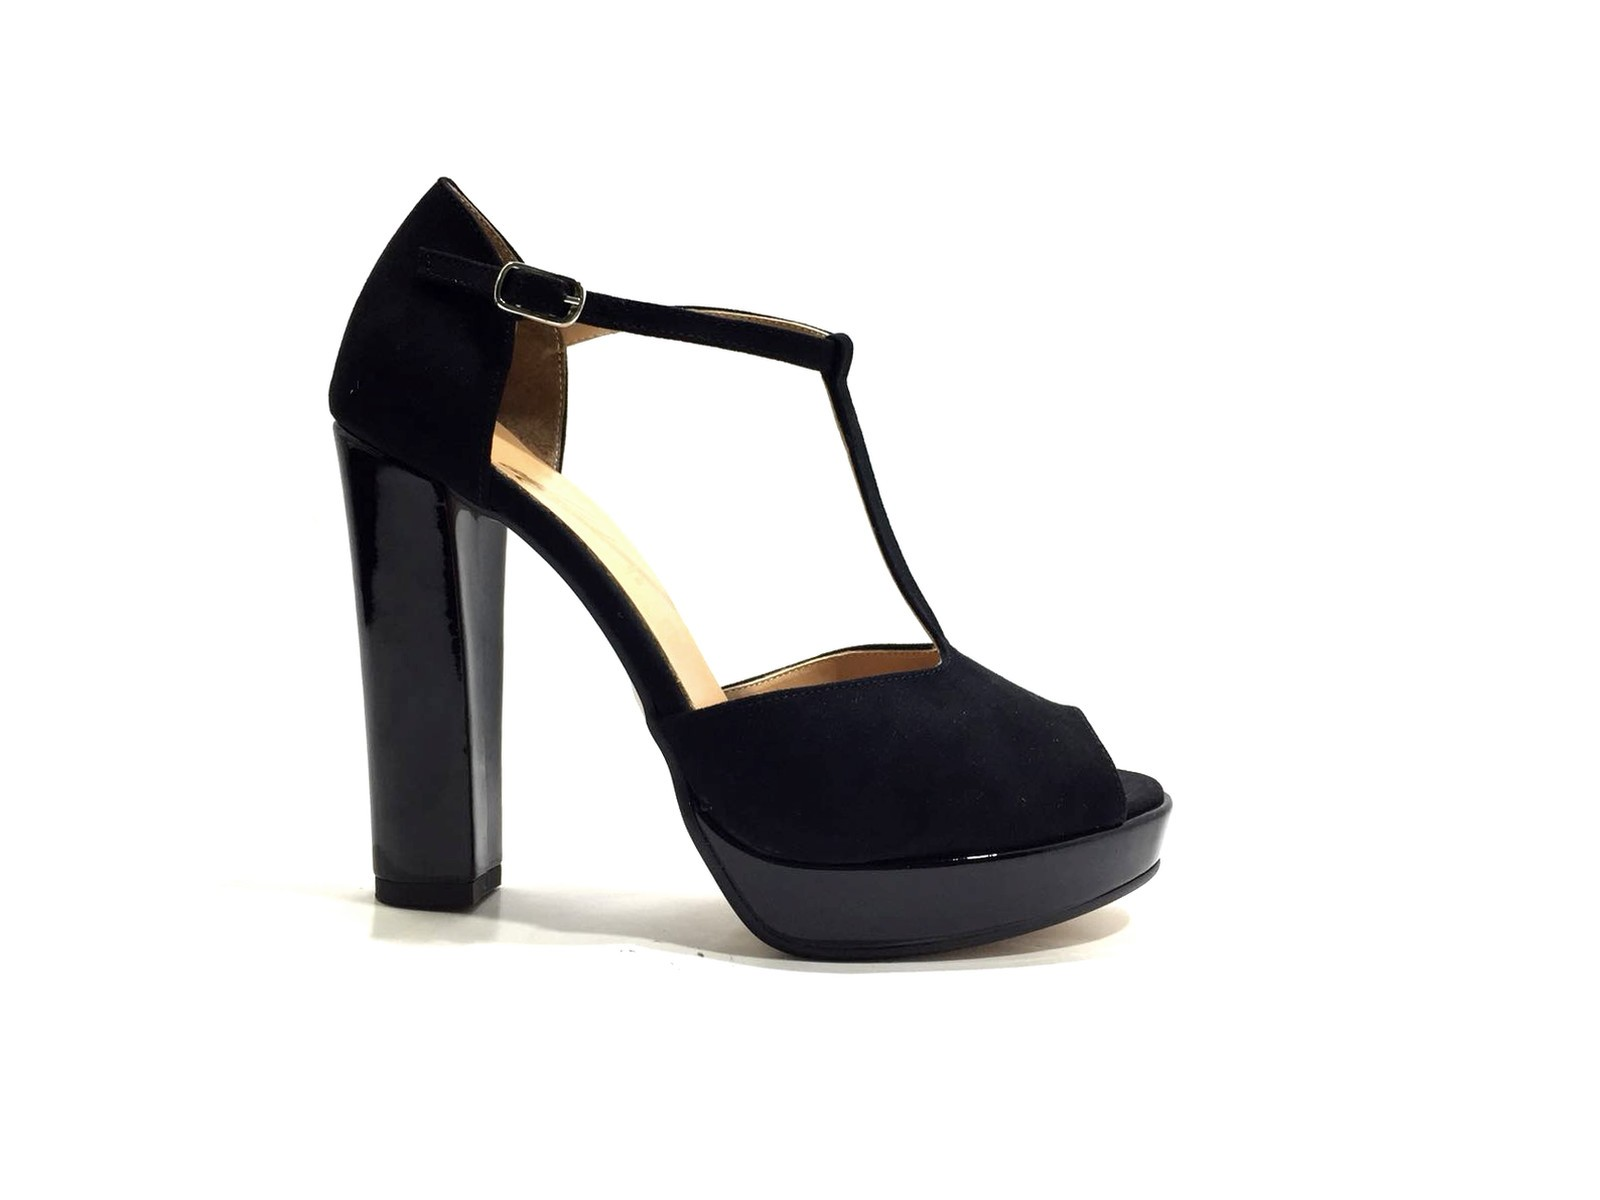 ADELE 162 zapatos mujer mujer mujer Sandali T Bar Tacco 12 negro  Hay más marcas de productos de alta calidad.